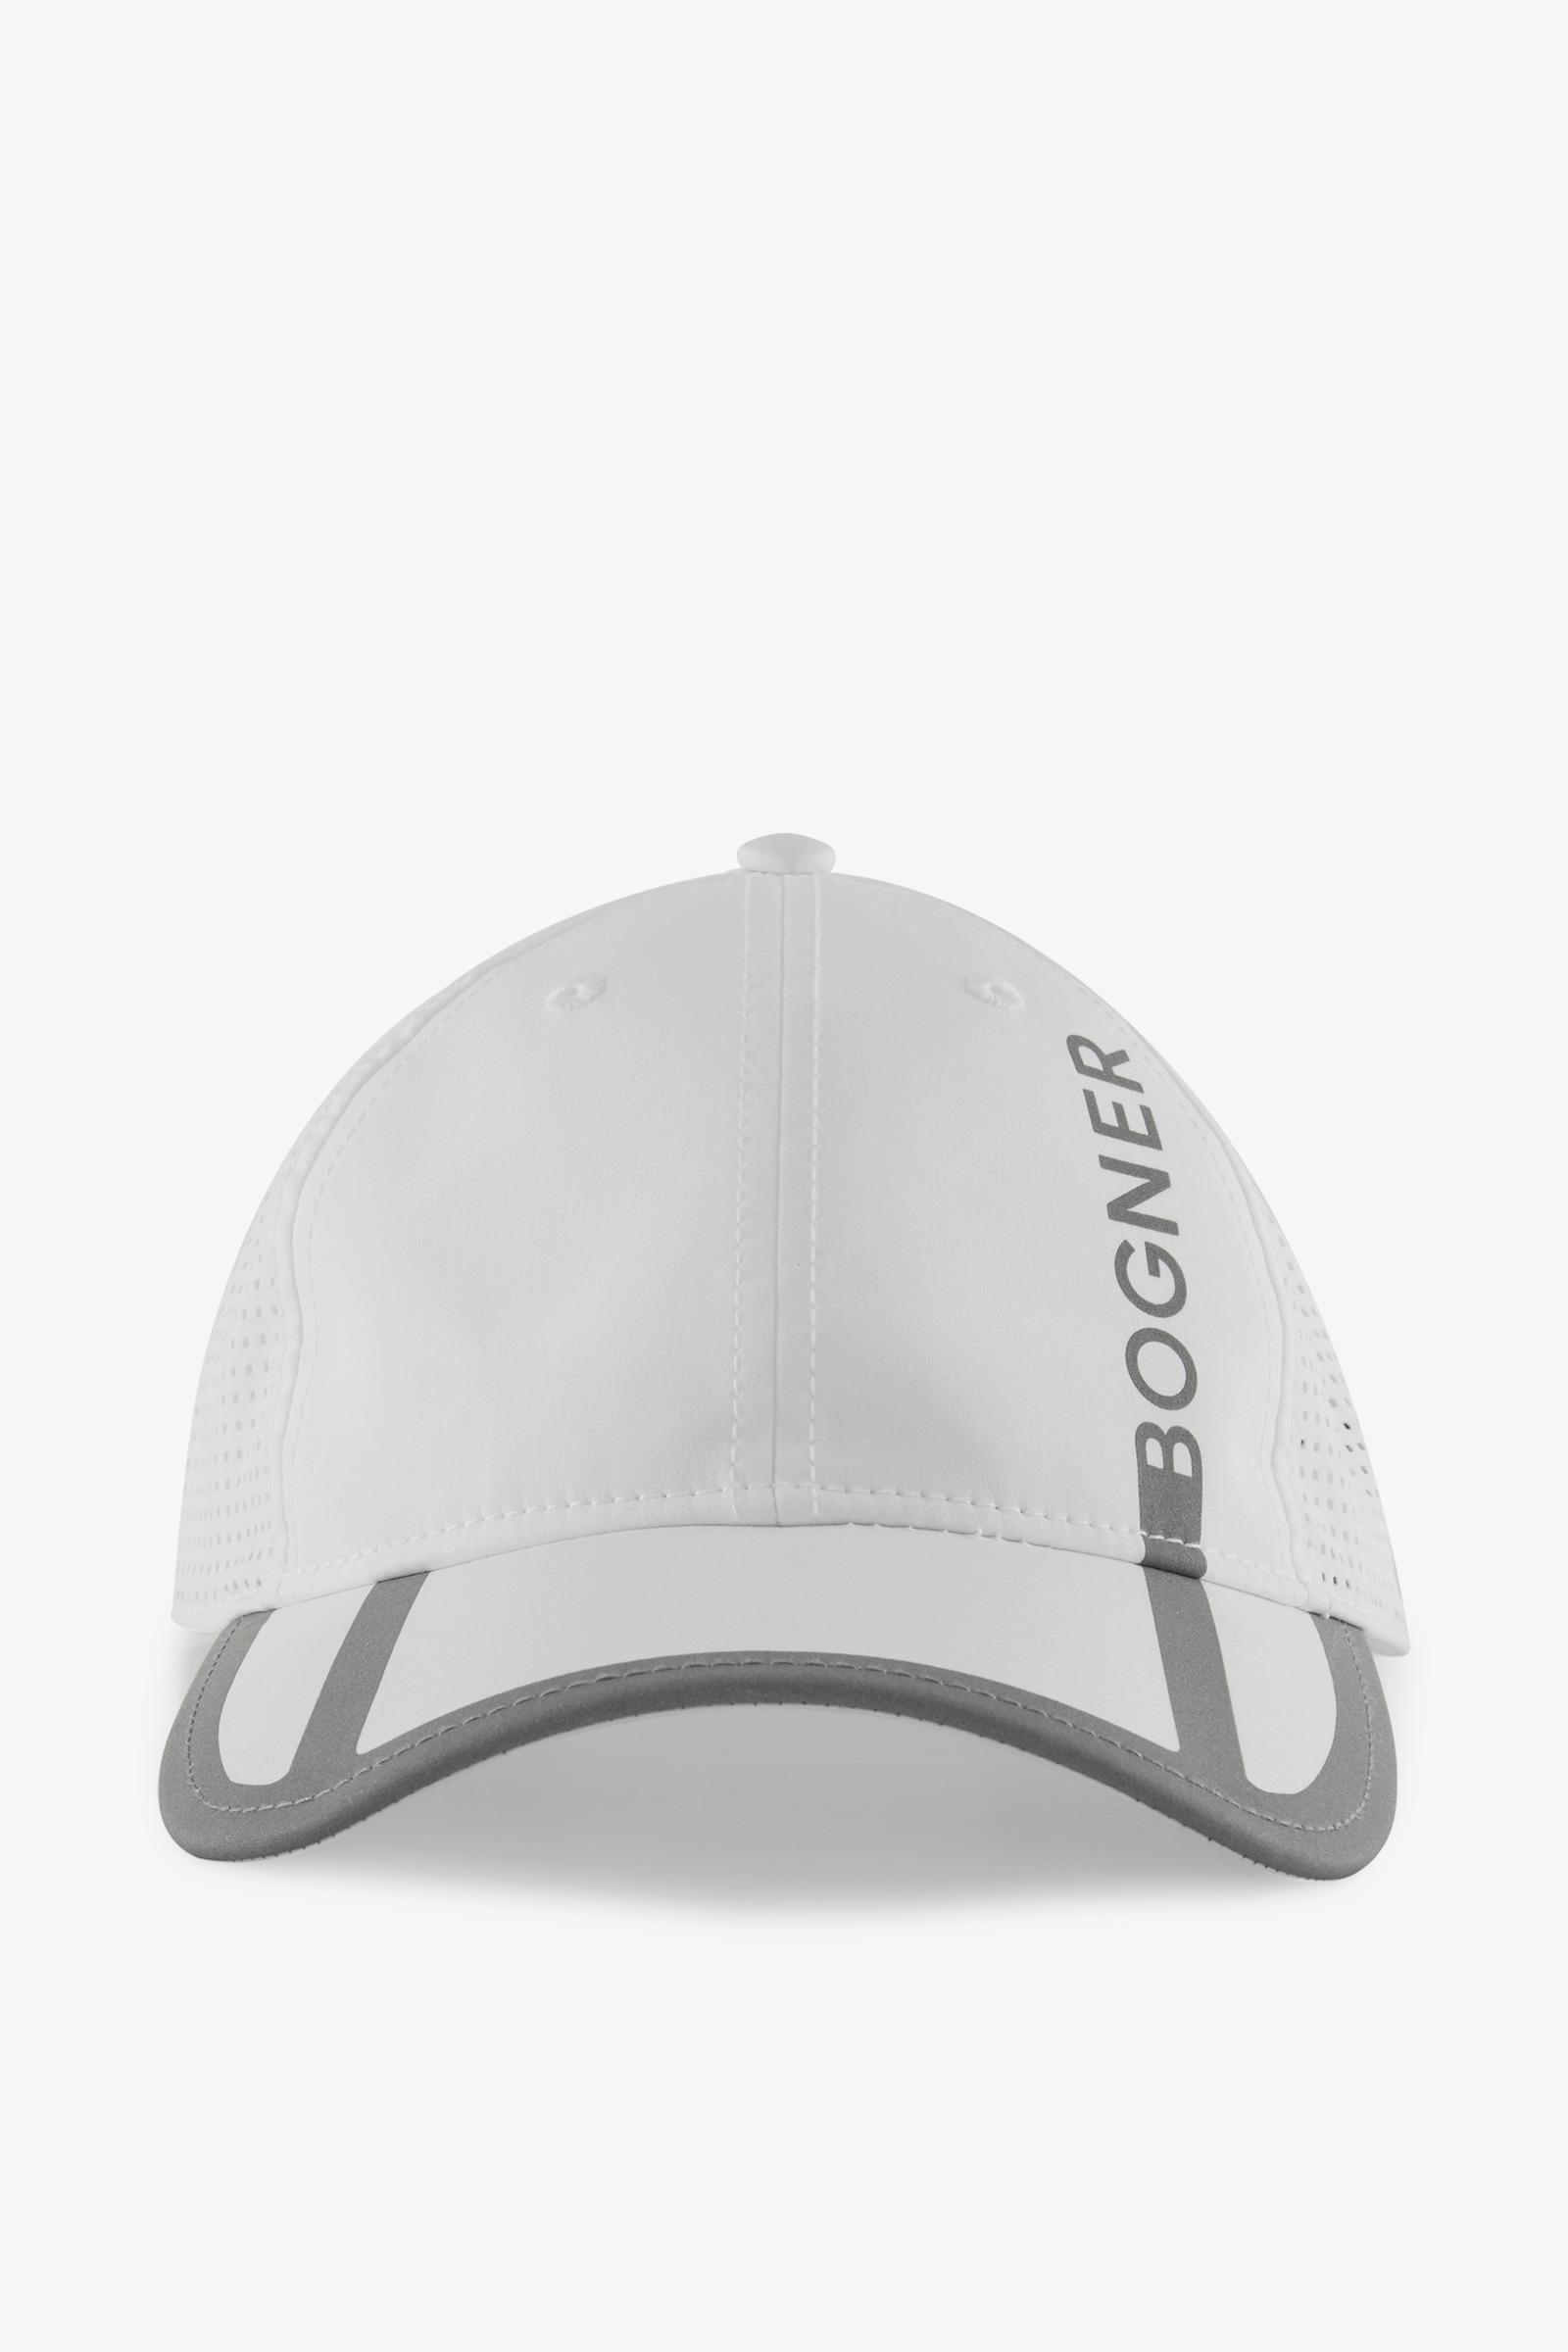 84f9ef3457c Lyst - Bogner Samy Cap In White in White for Men